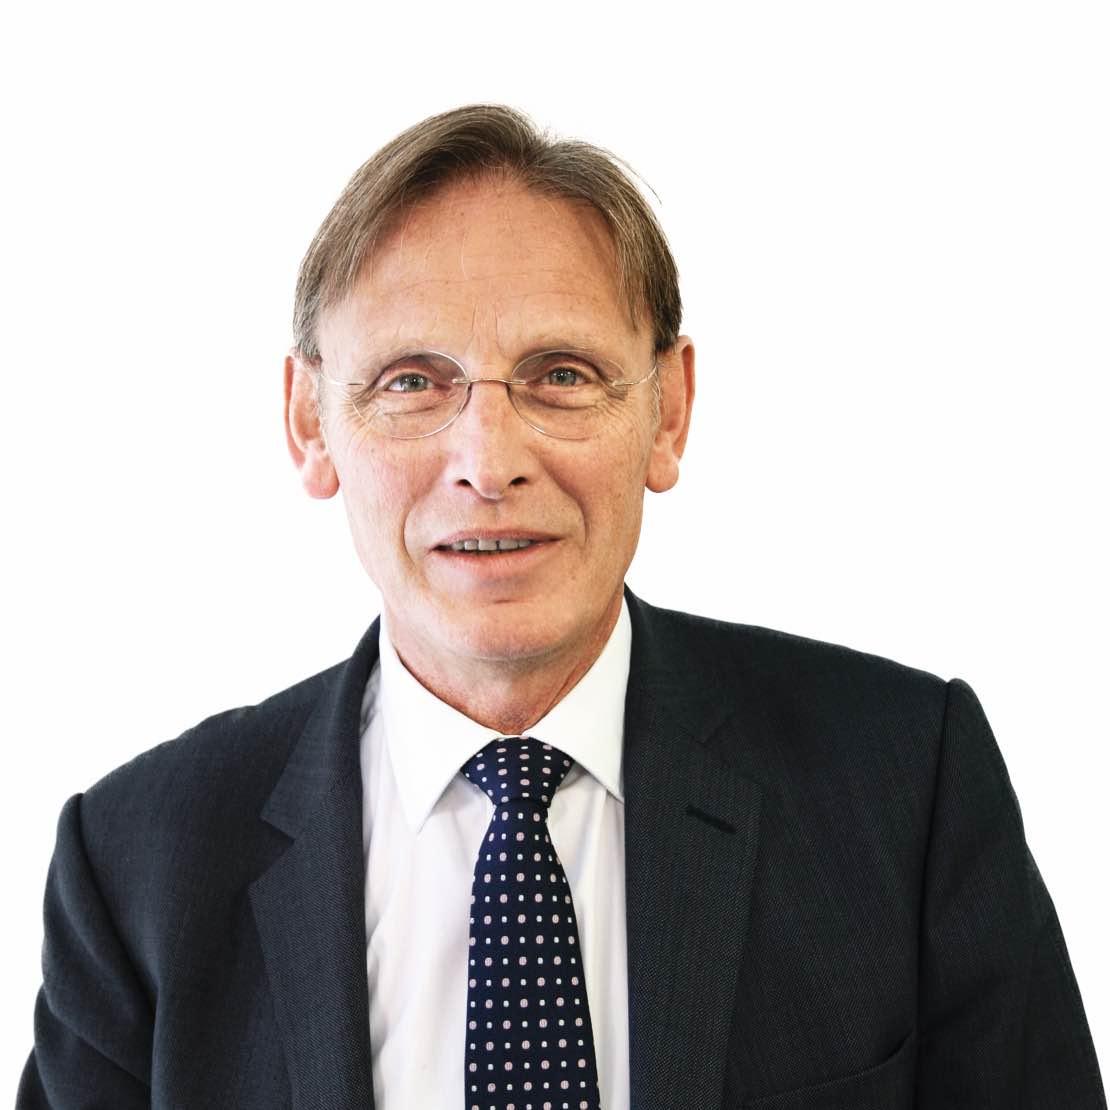 Michael J Higgins